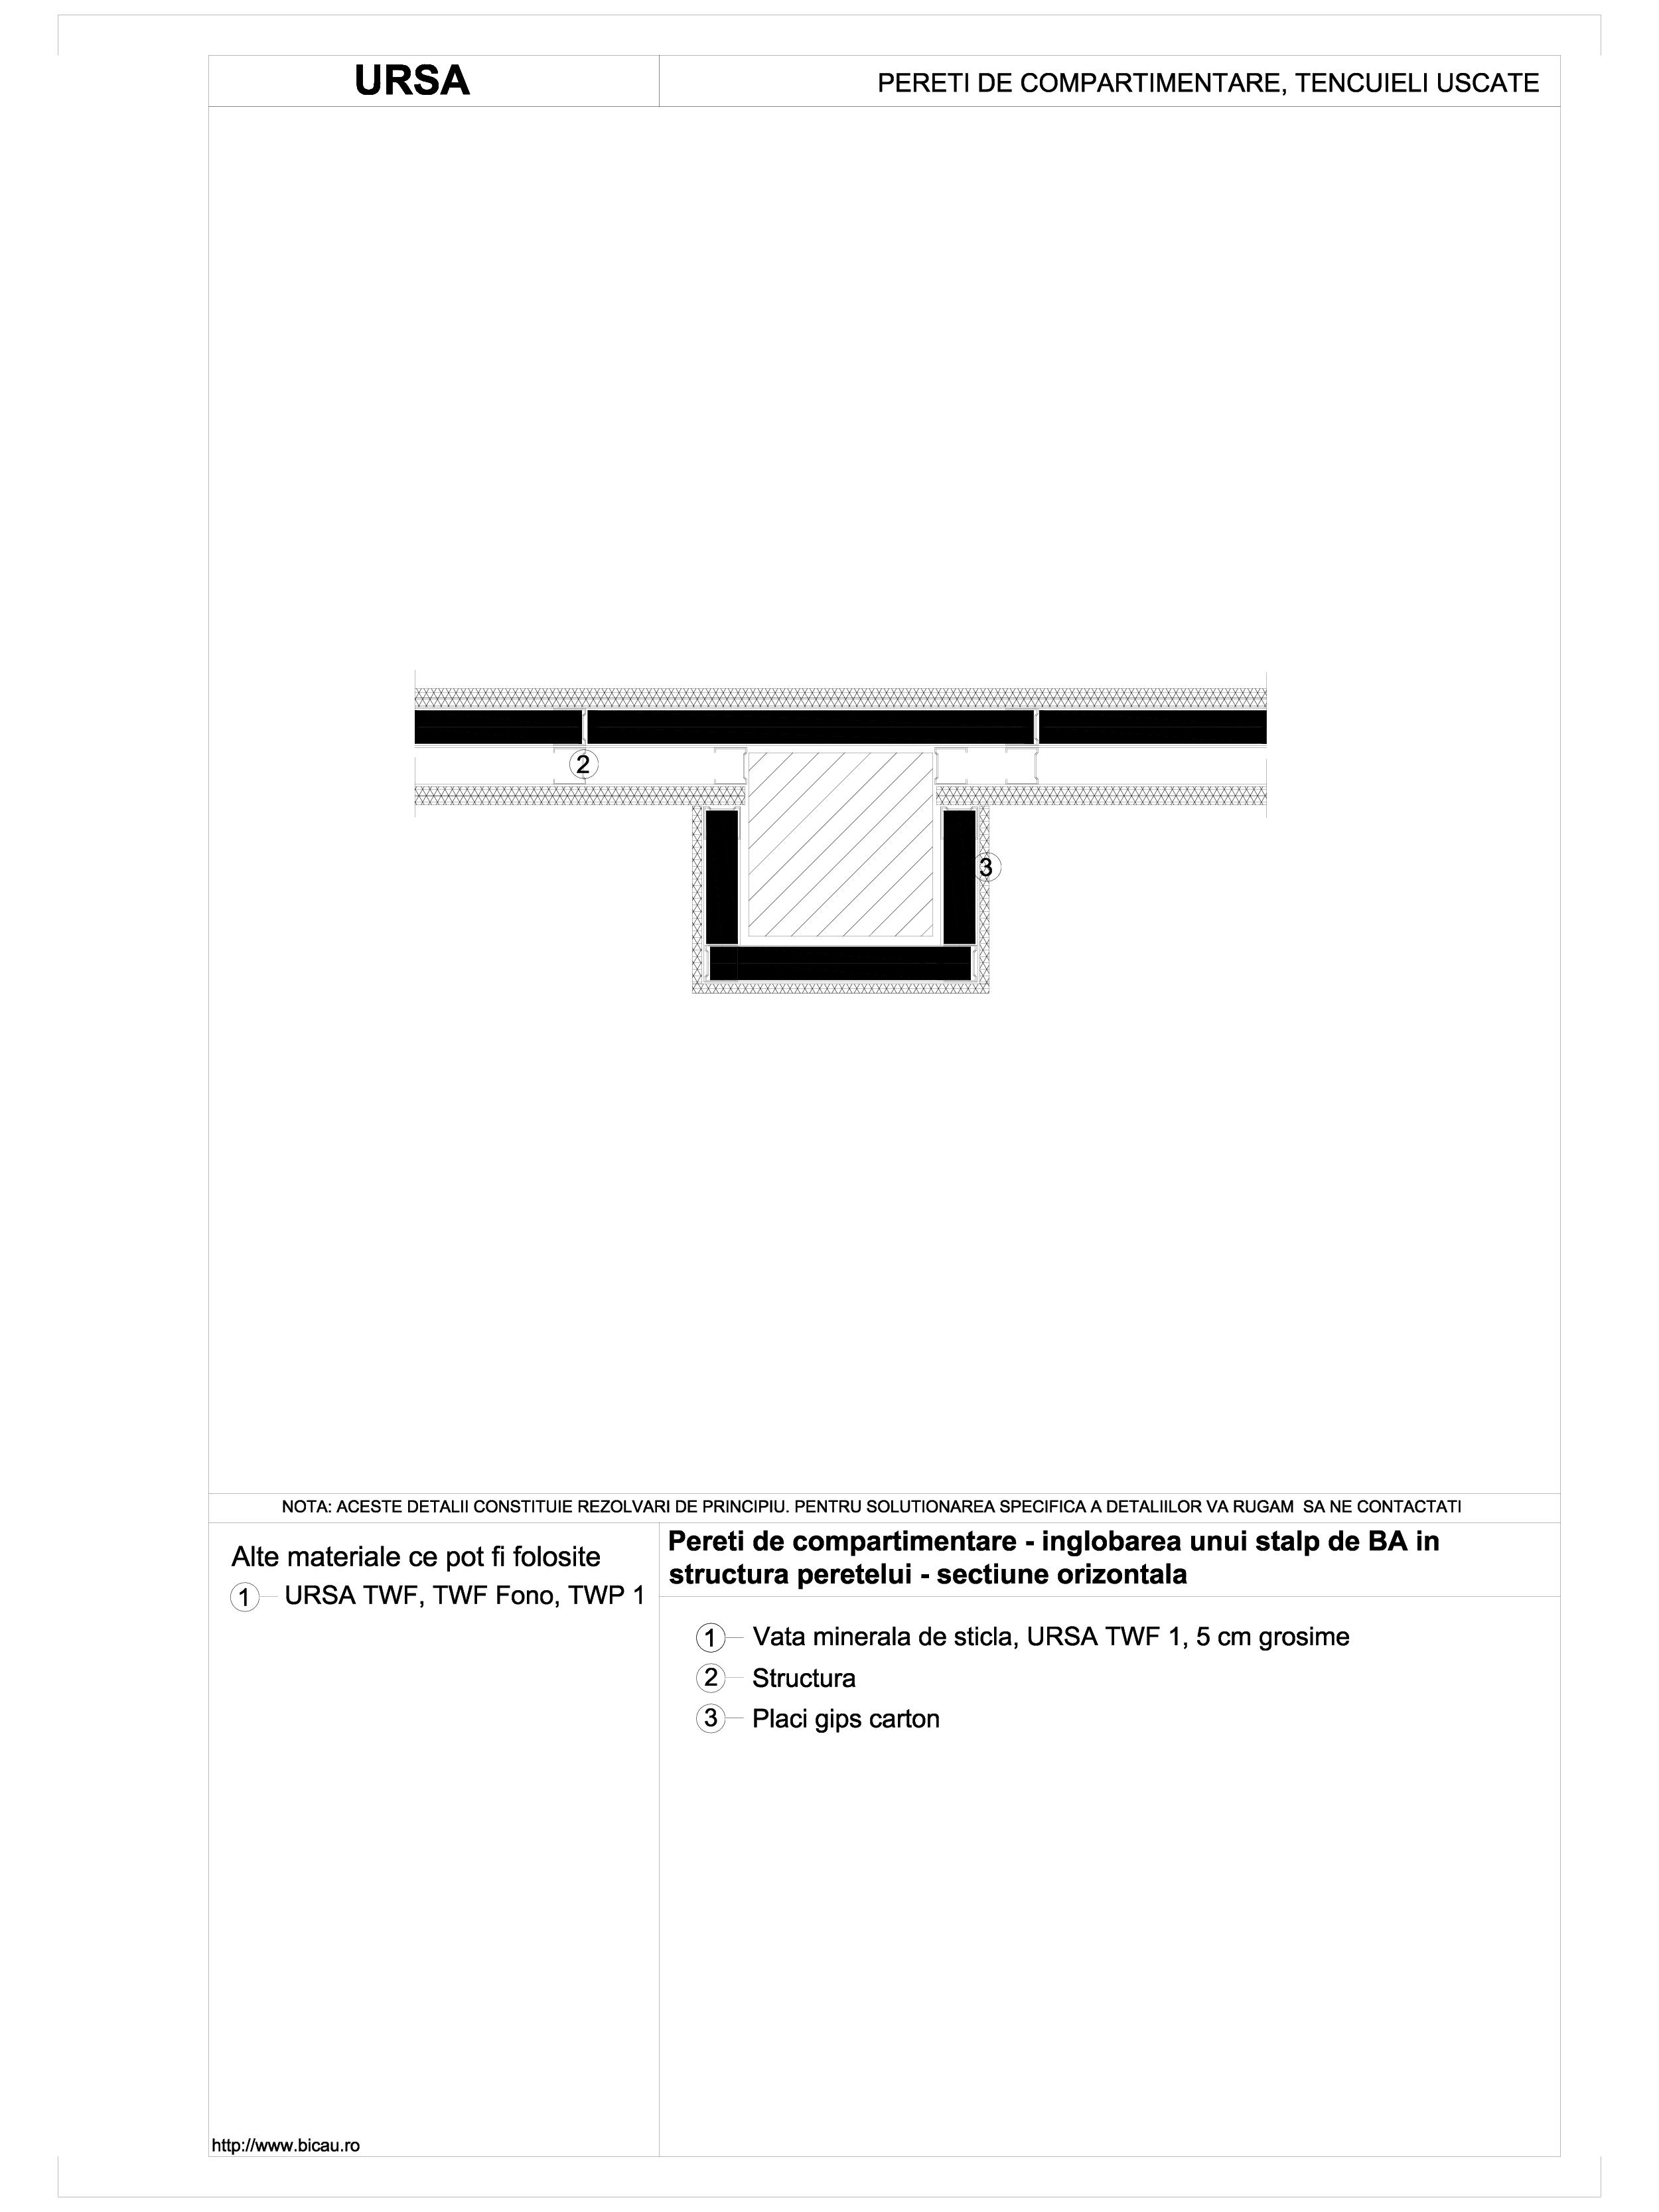 Pereti de compartimentare - inglobarea unui stalp de BA in structura peretelui - sectiune orizontala TWF FONO URSA Vata minerala pentru pereti de compartimentare URSA ROMANIA   - Pagina 1